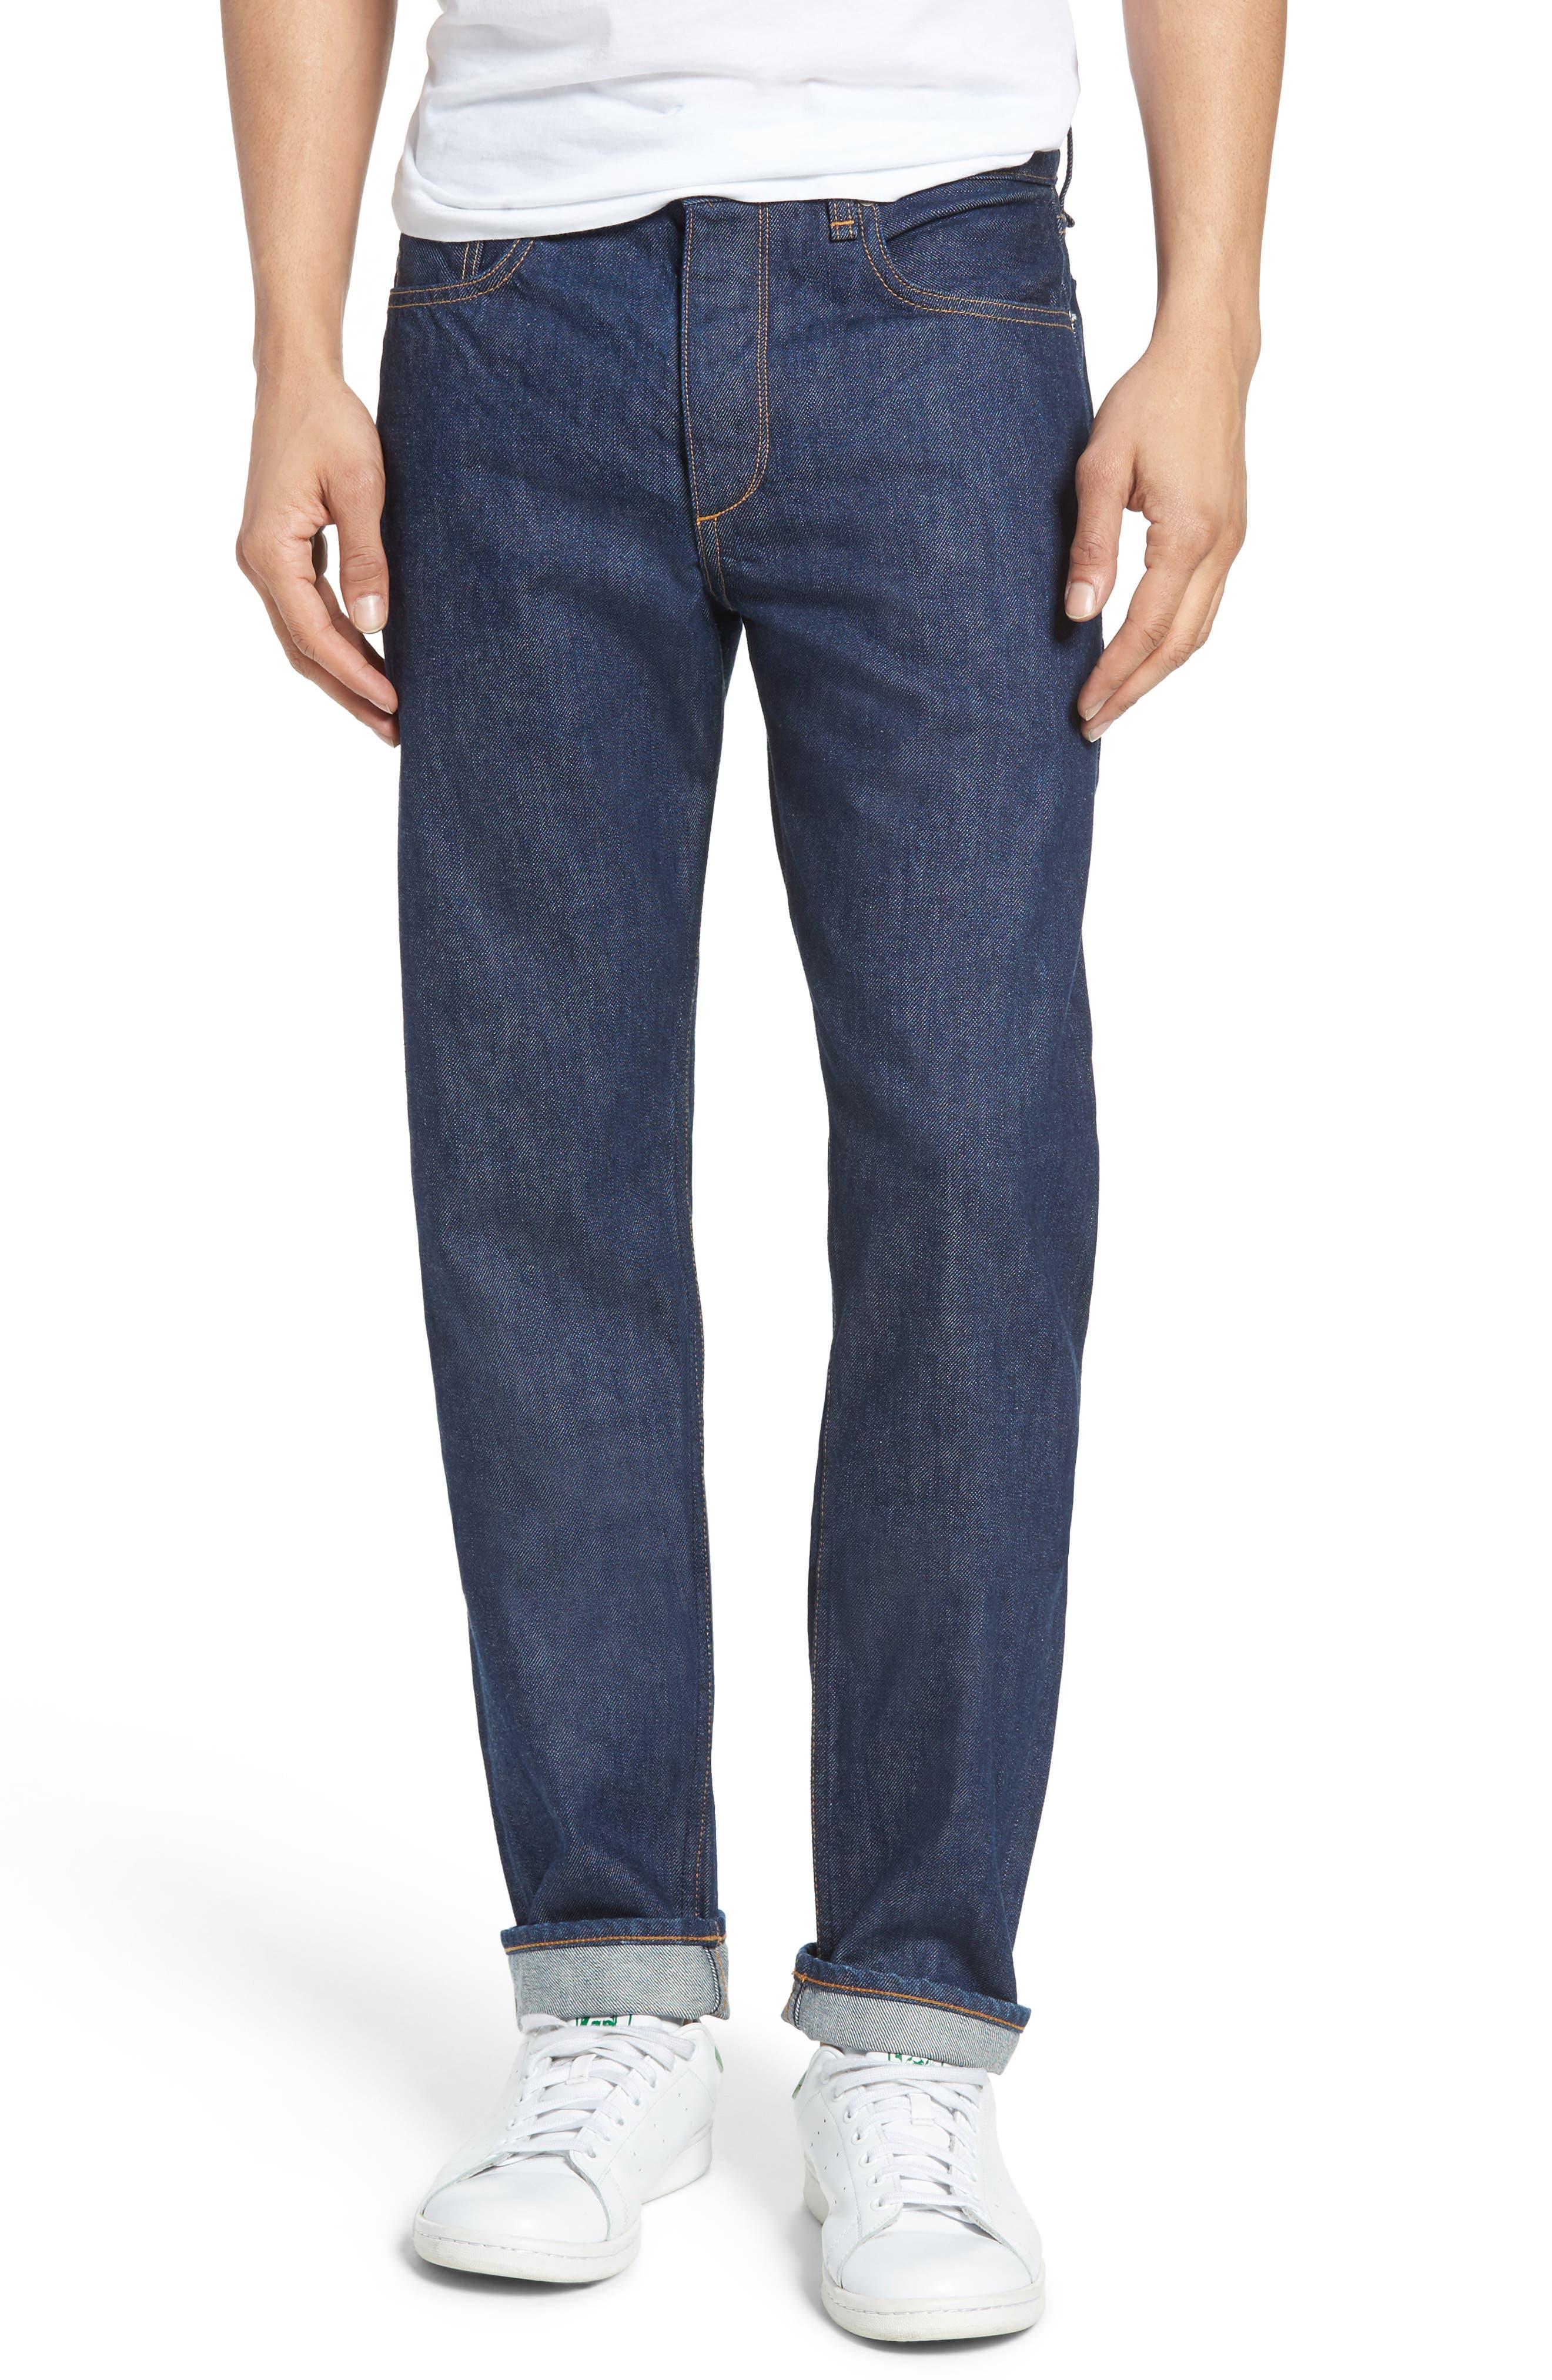 Fit 2 Slim Fit Selvedge Jeans,                             Main thumbnail 1, color,                             427